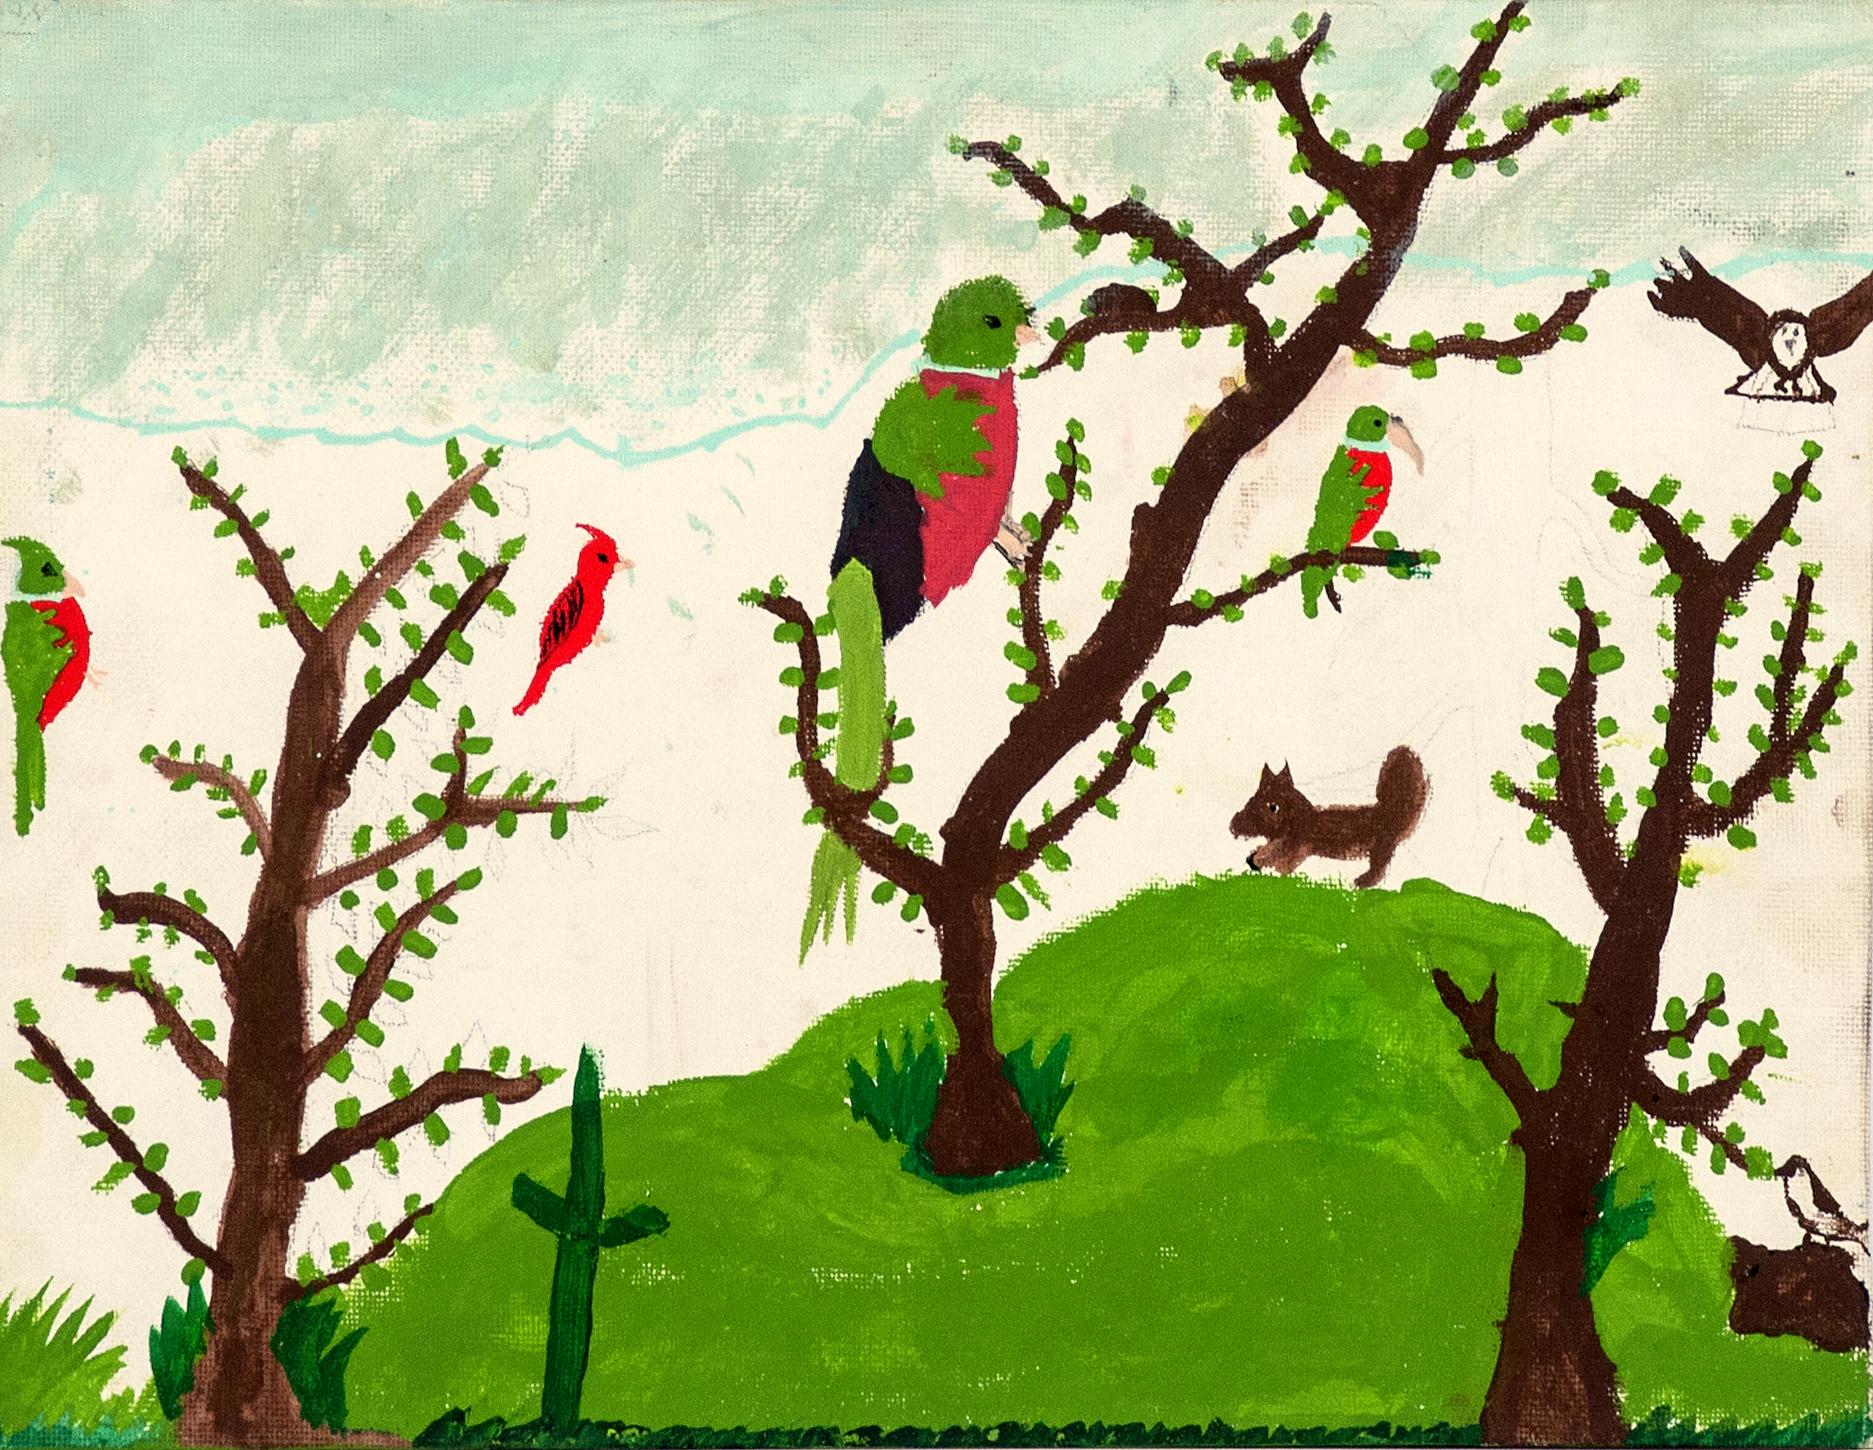 I want to fly... - JoséNoe Estrada Muñoz, Age 11, (2013)